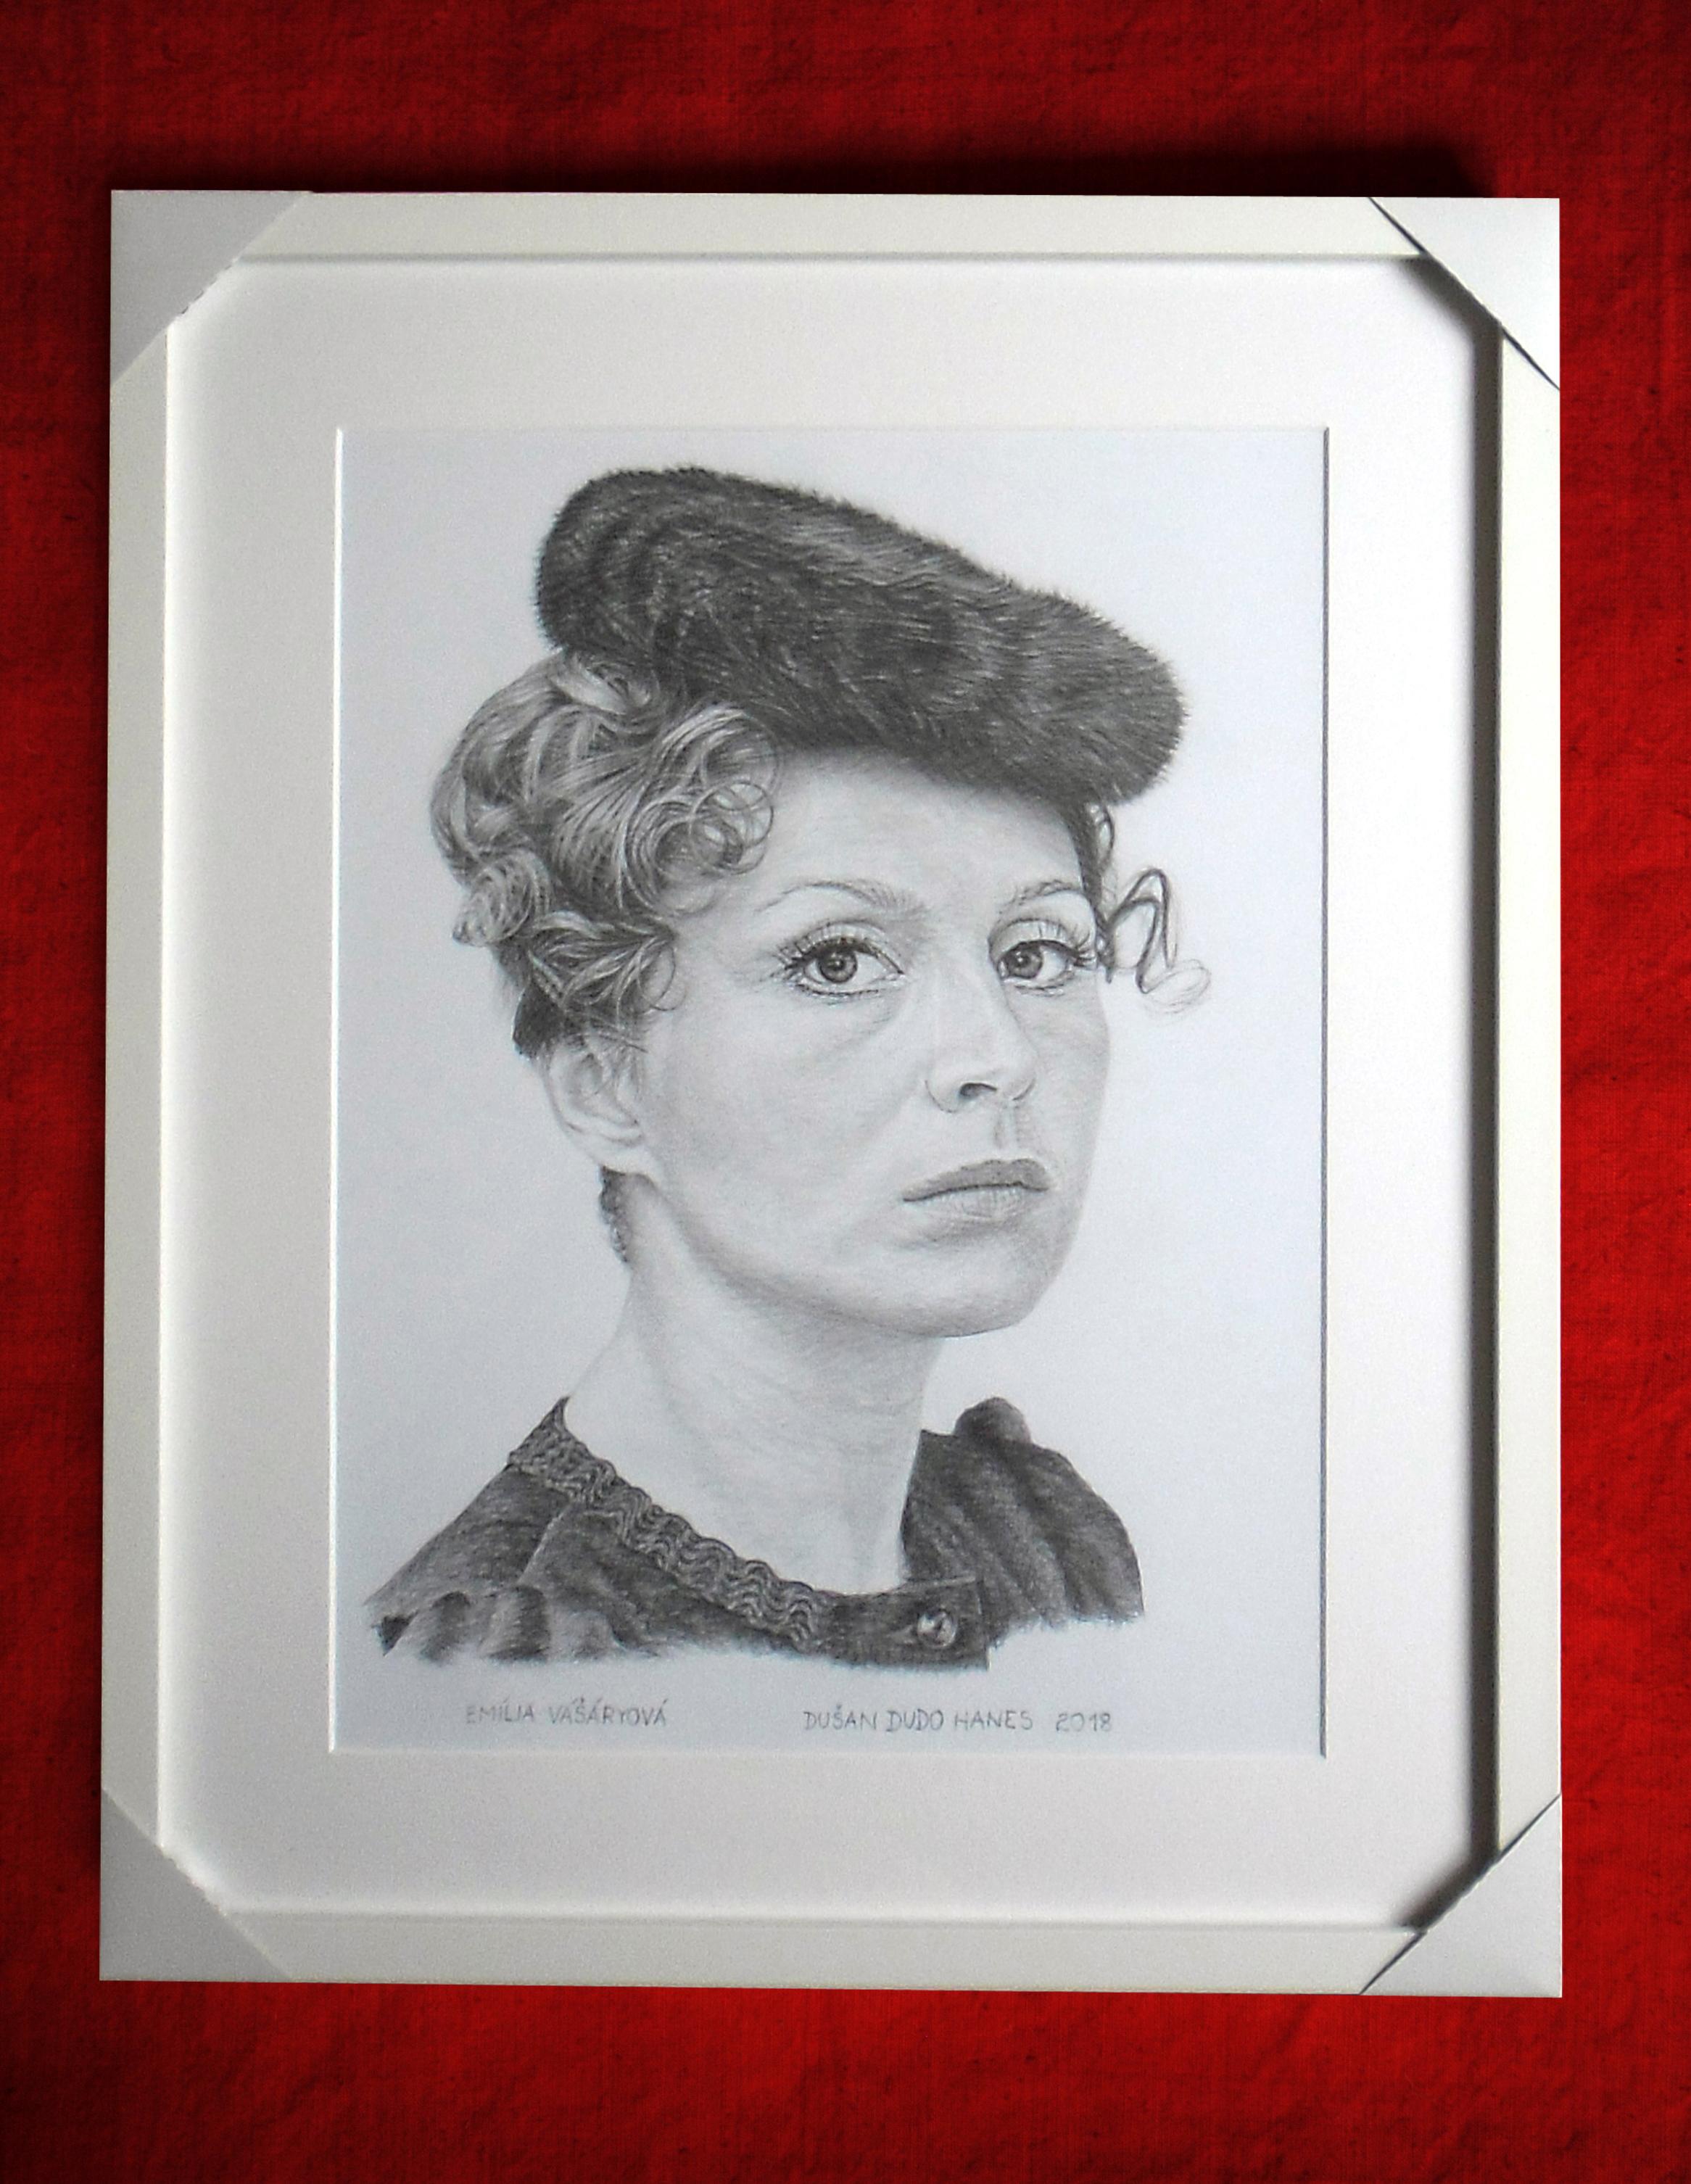 194 - Emília Vášáryová. Portrét v ráme, Dušan Dudo Hanes